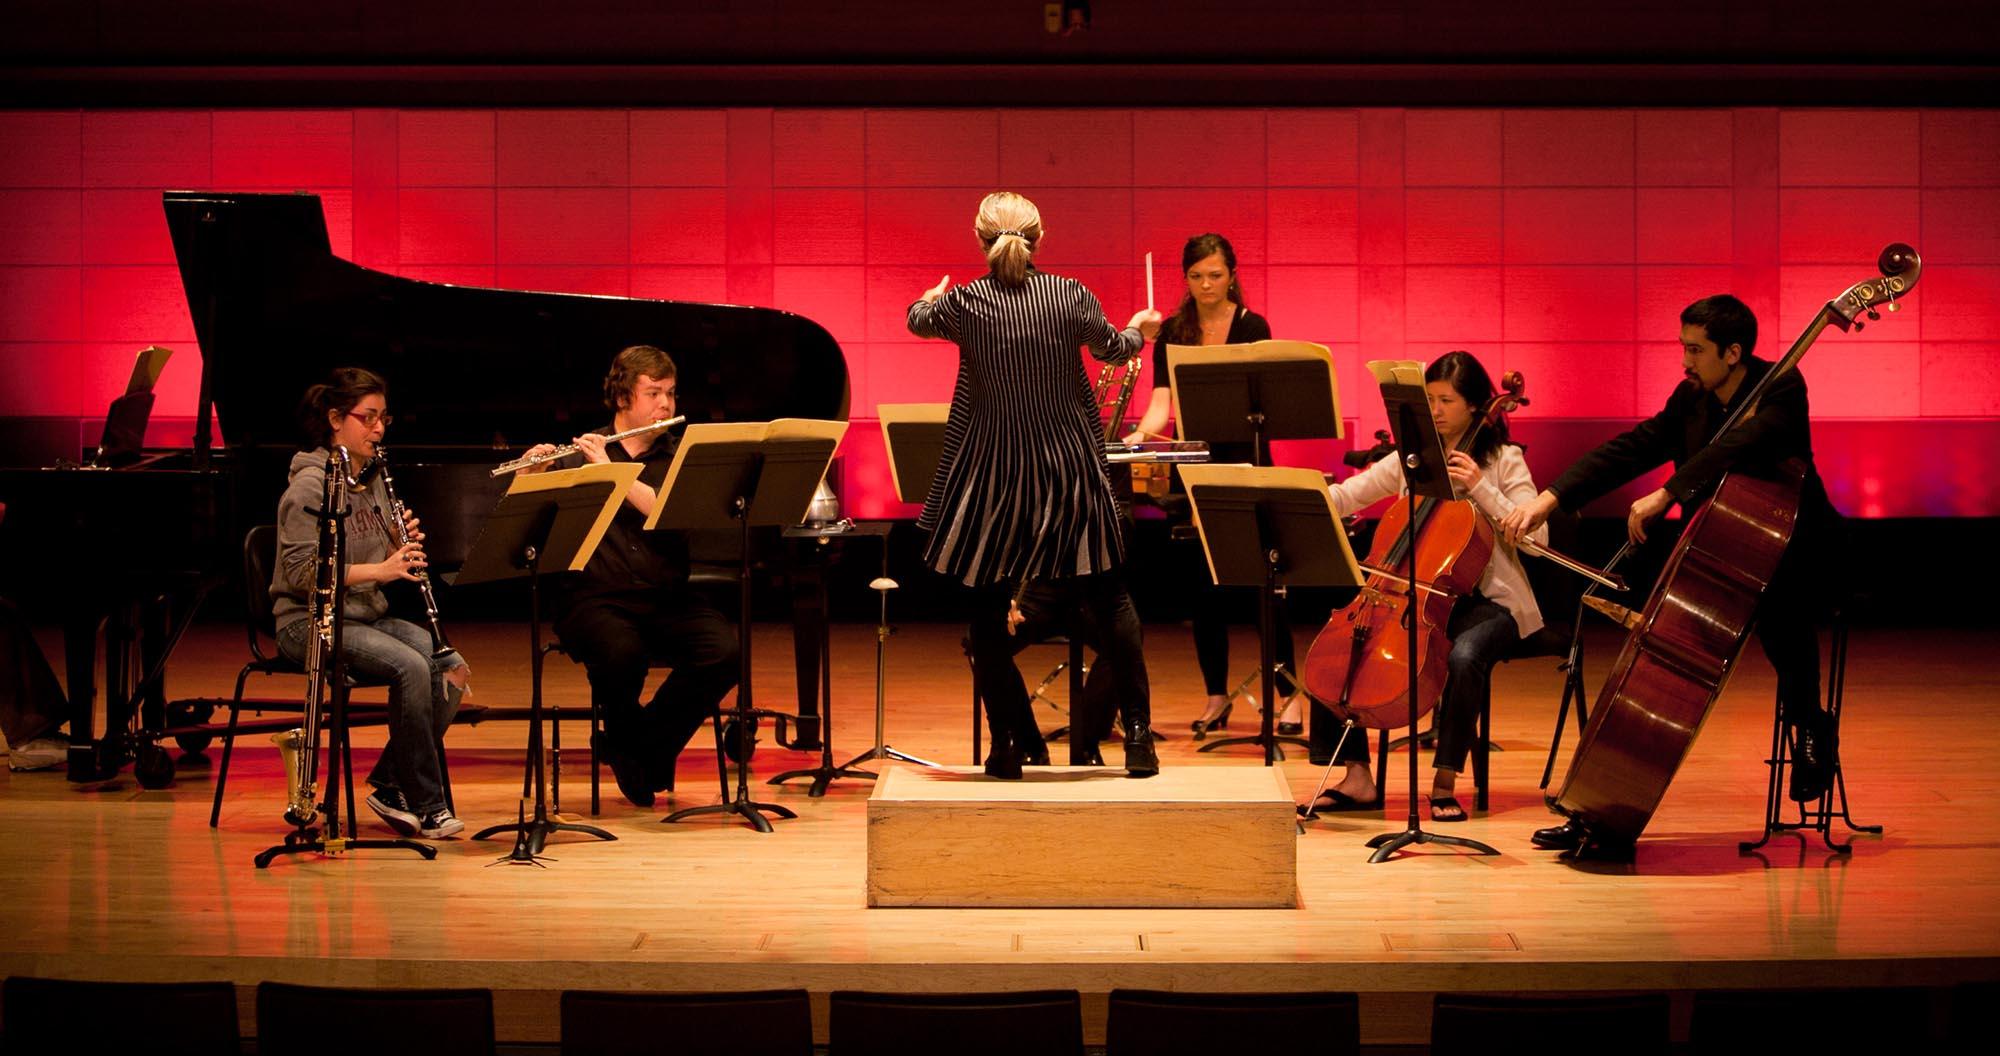 SFCM ensemble on stage